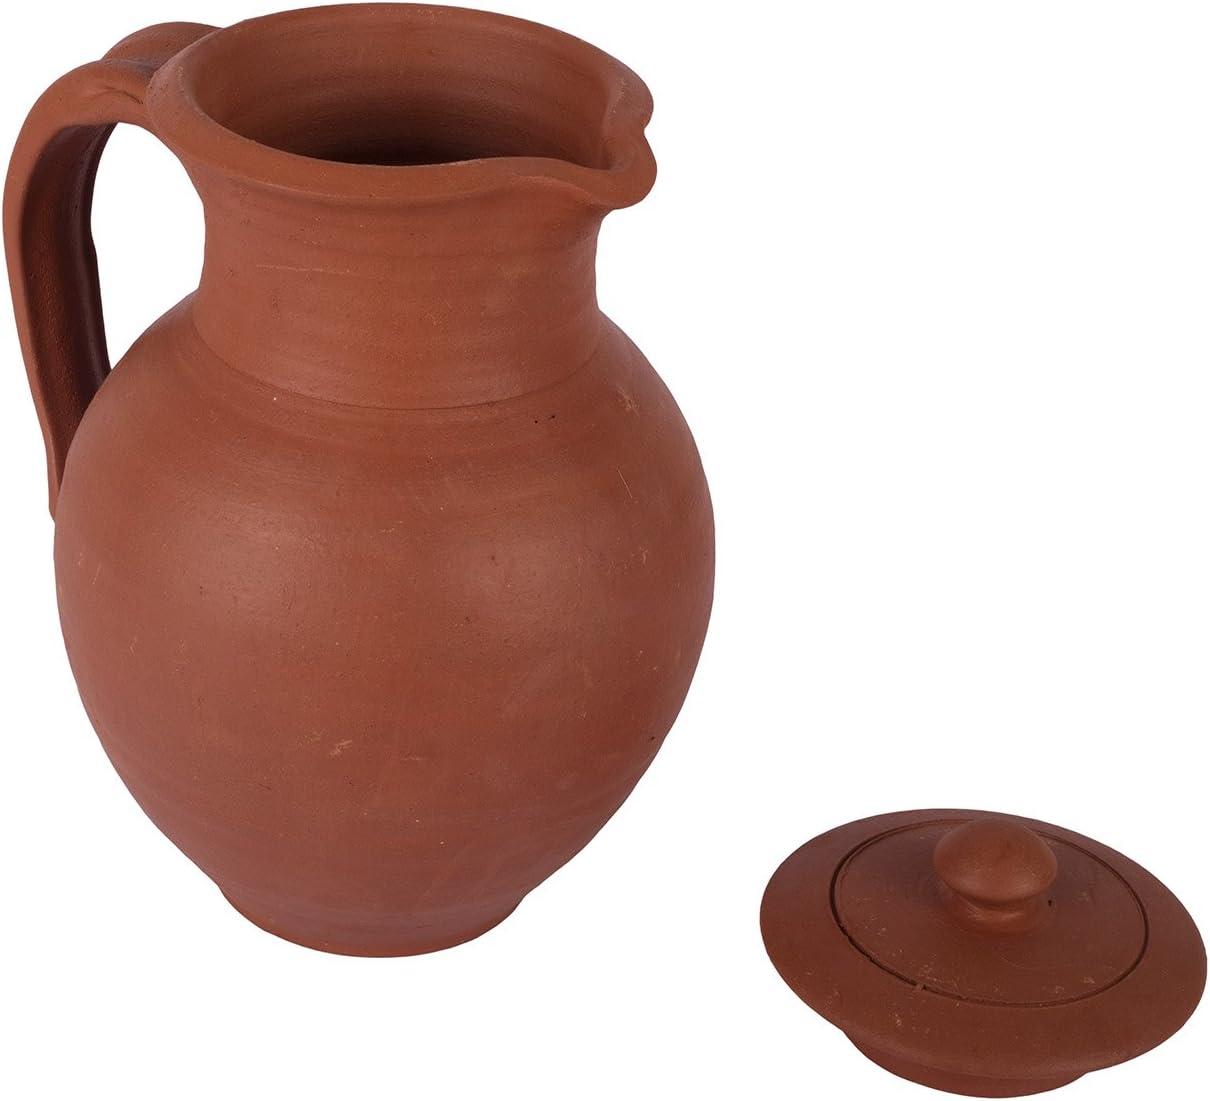 Jarra de agua de arcilla hecha a mano con tapa jarra Village Decor mesa de almacenamiento de cocina ecol/ógica